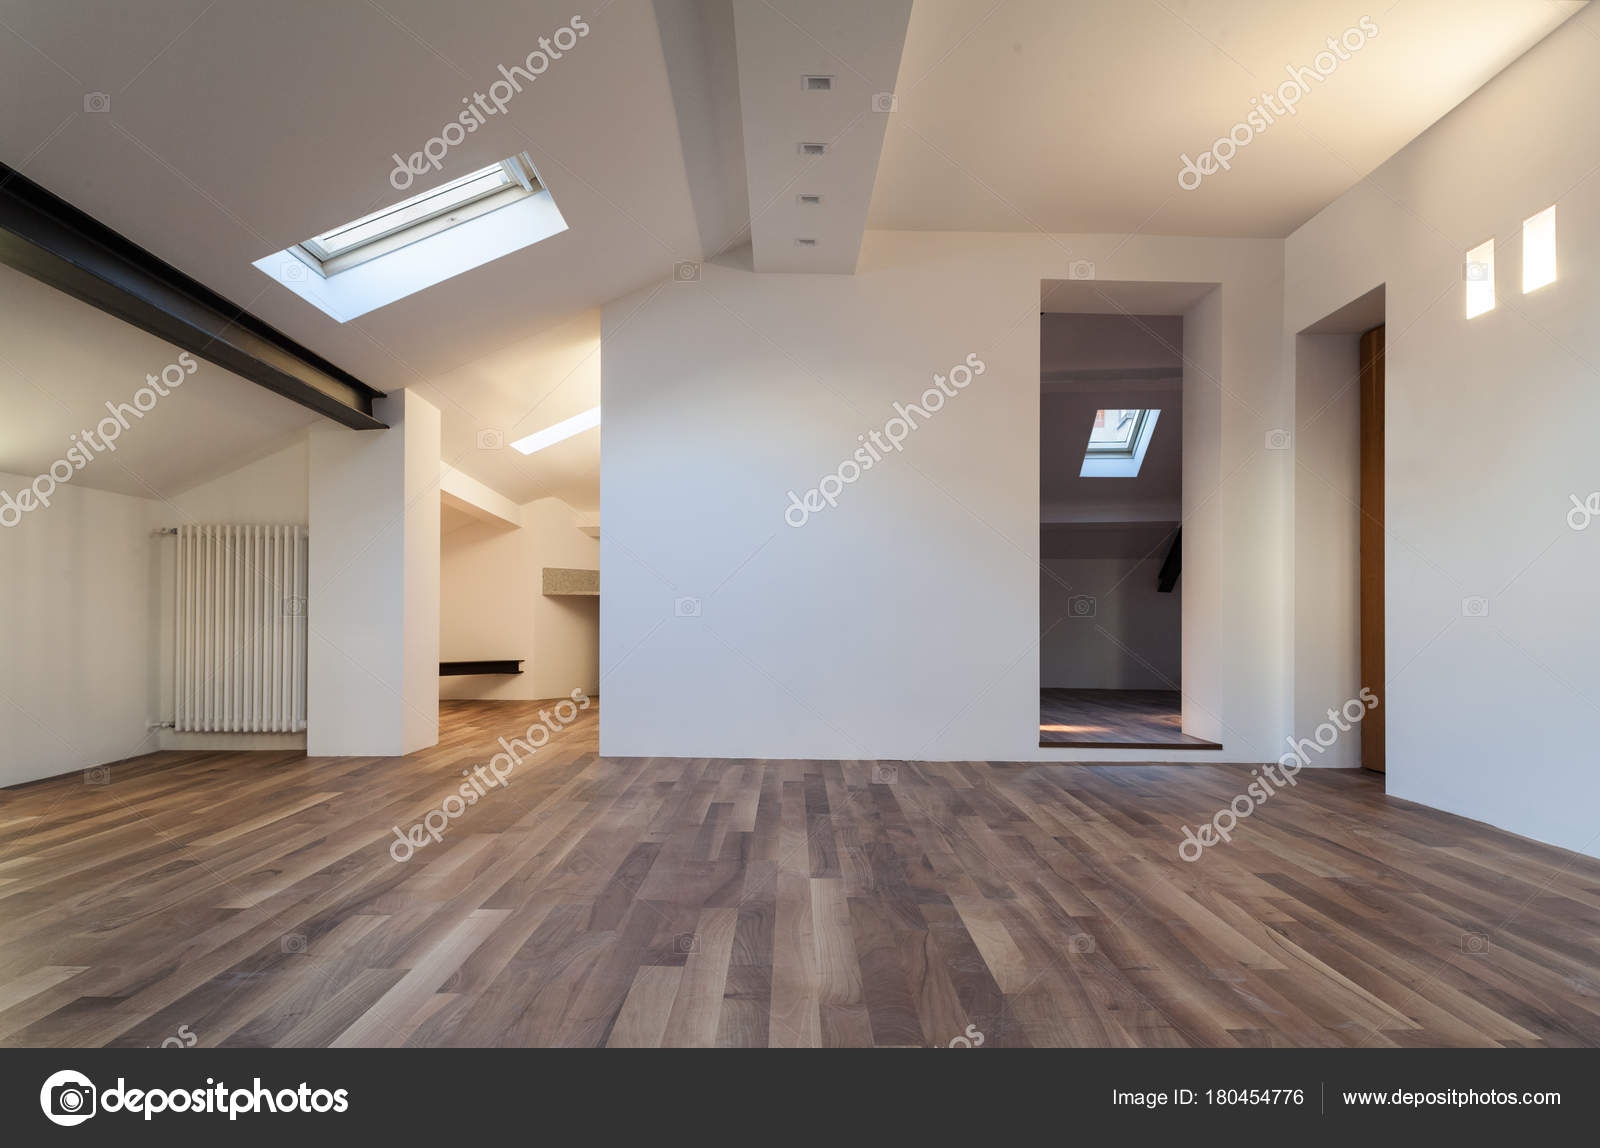 Huis interieur zolder u stockfoto zveiger